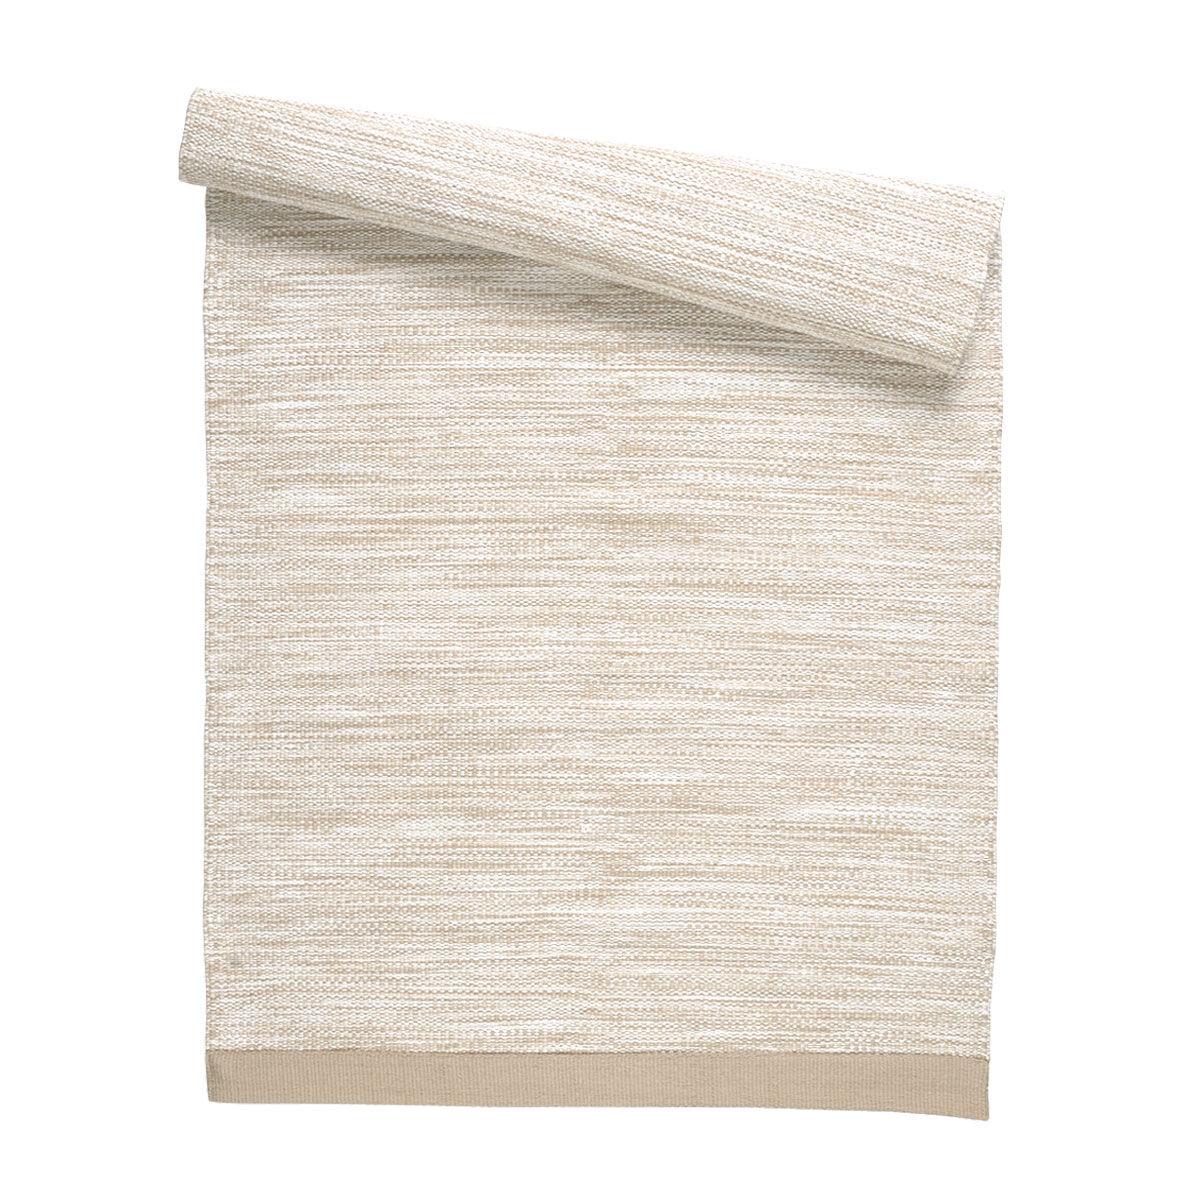 Linum Loom Matto 80x160cm, Beige